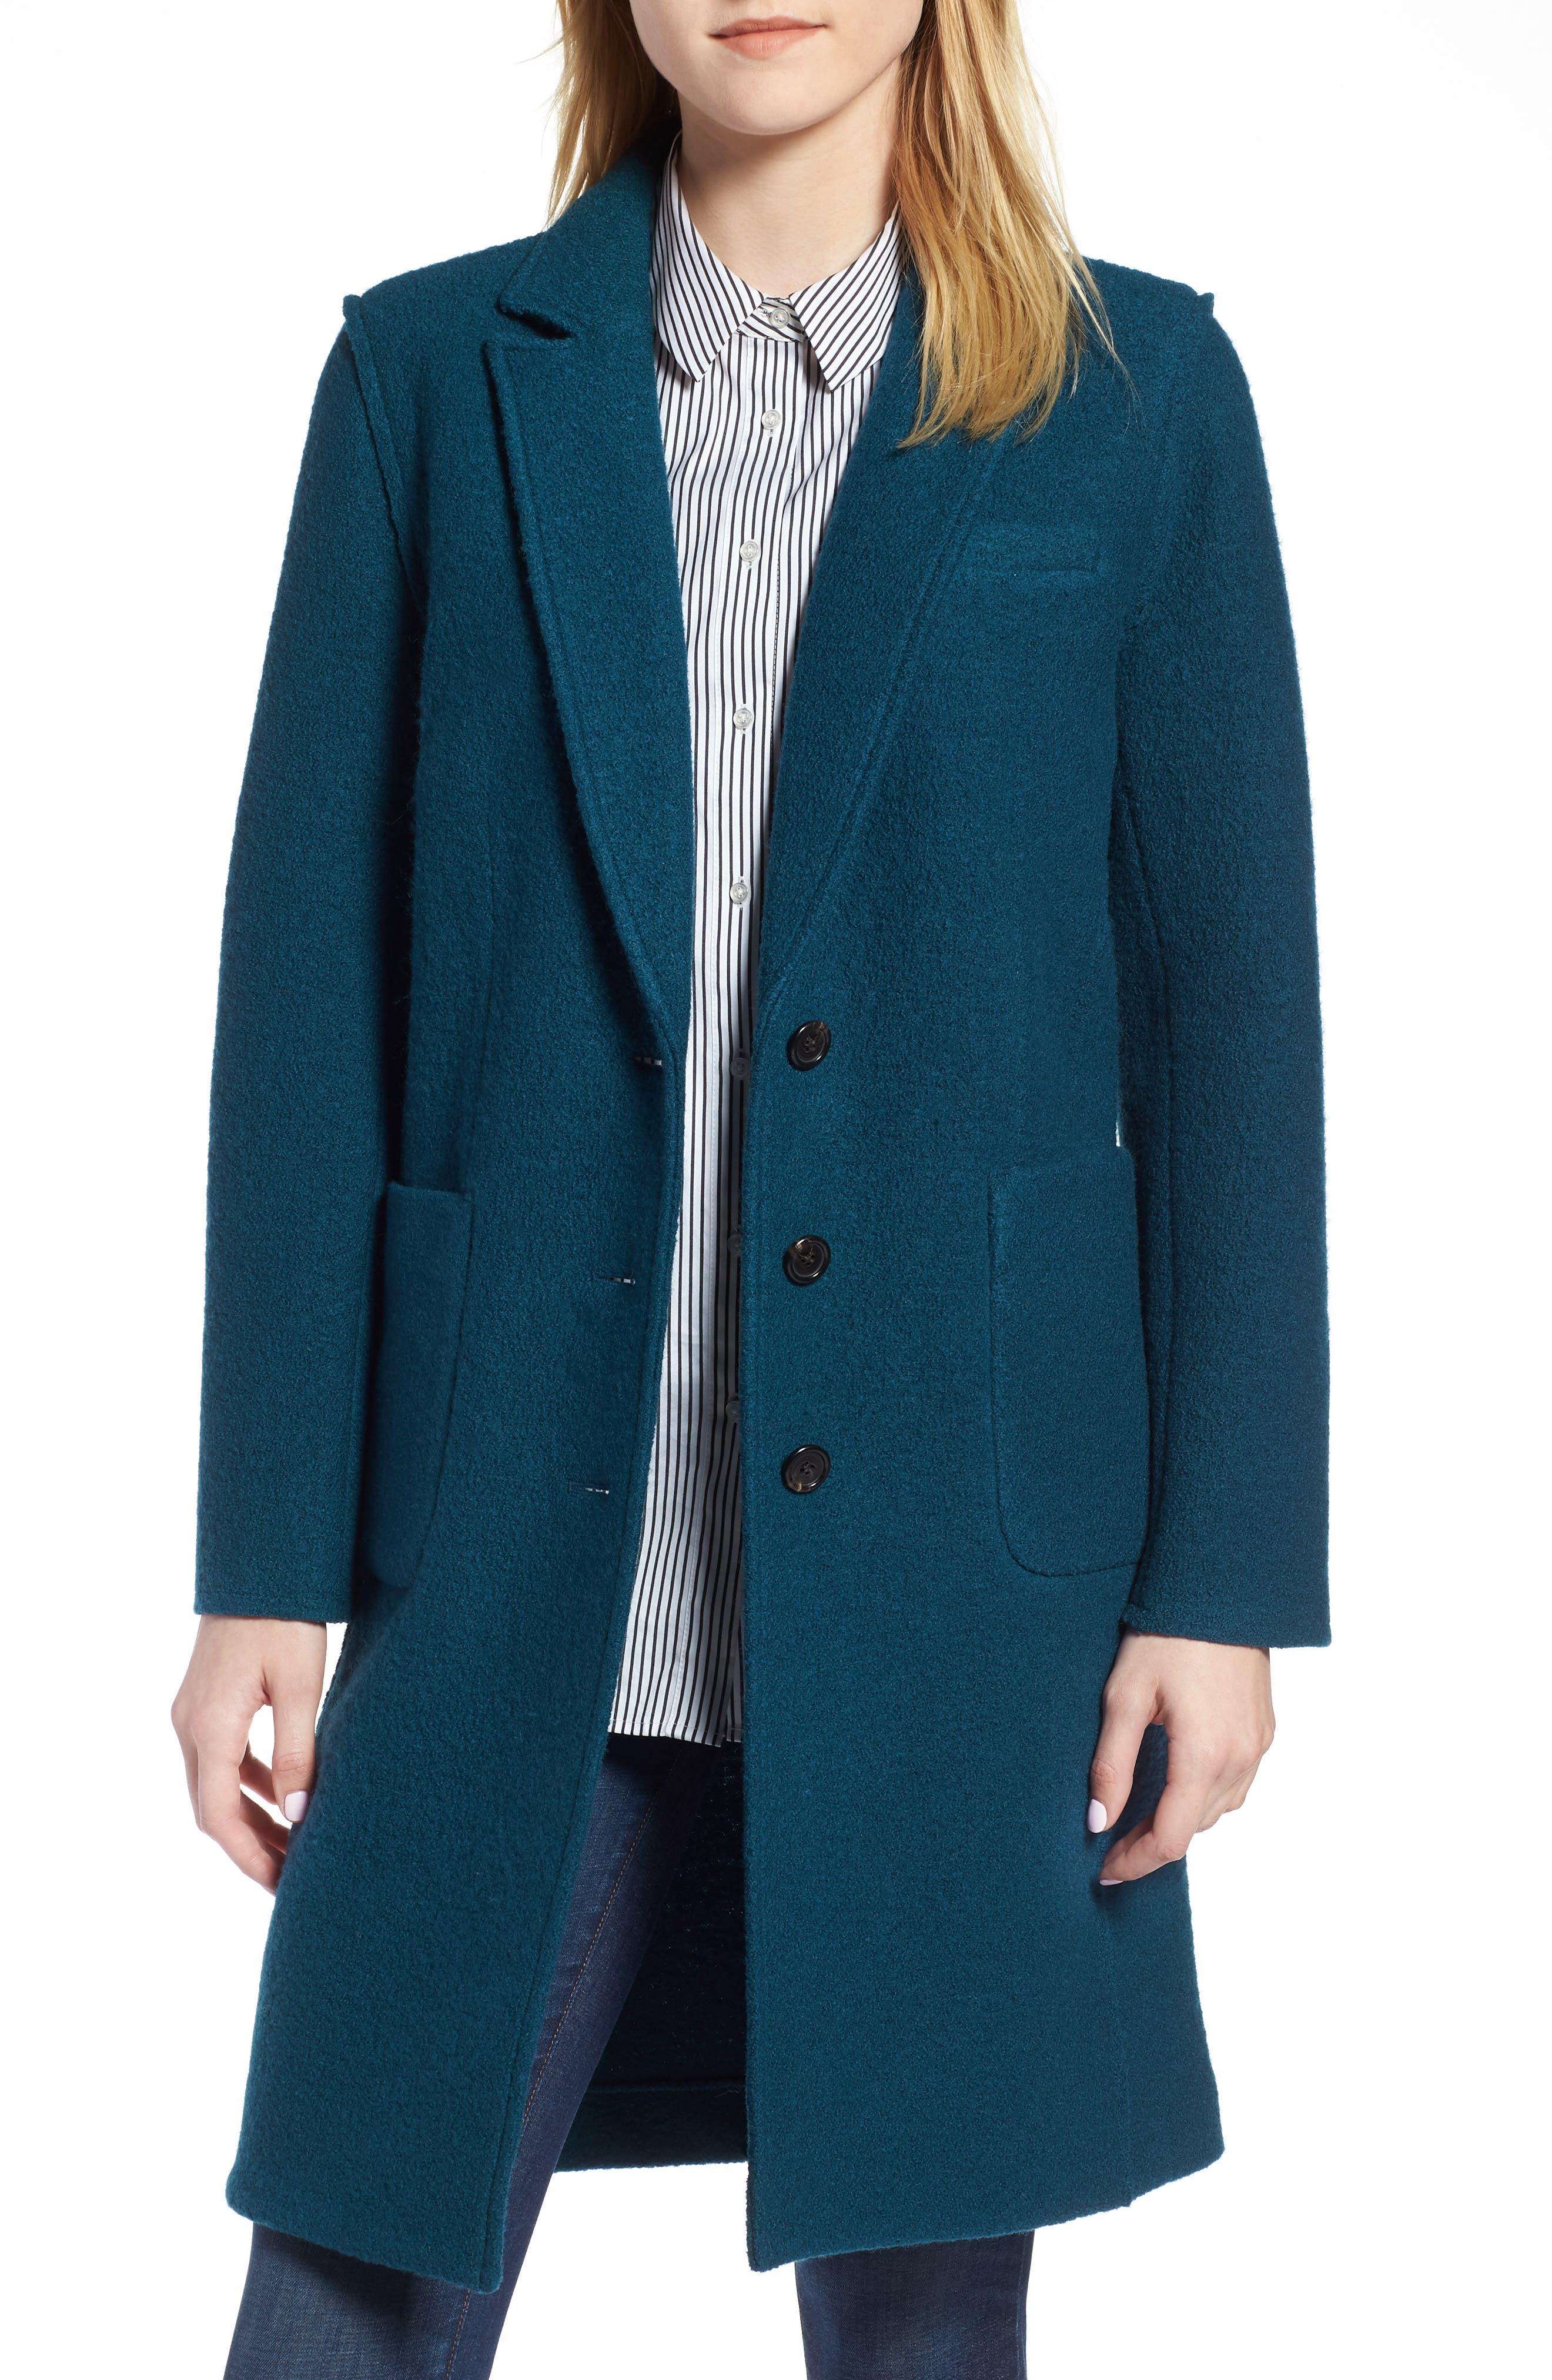 Olga Boiled Wool Topcoat,                             Main thumbnail 1, color,                             Winter Pine